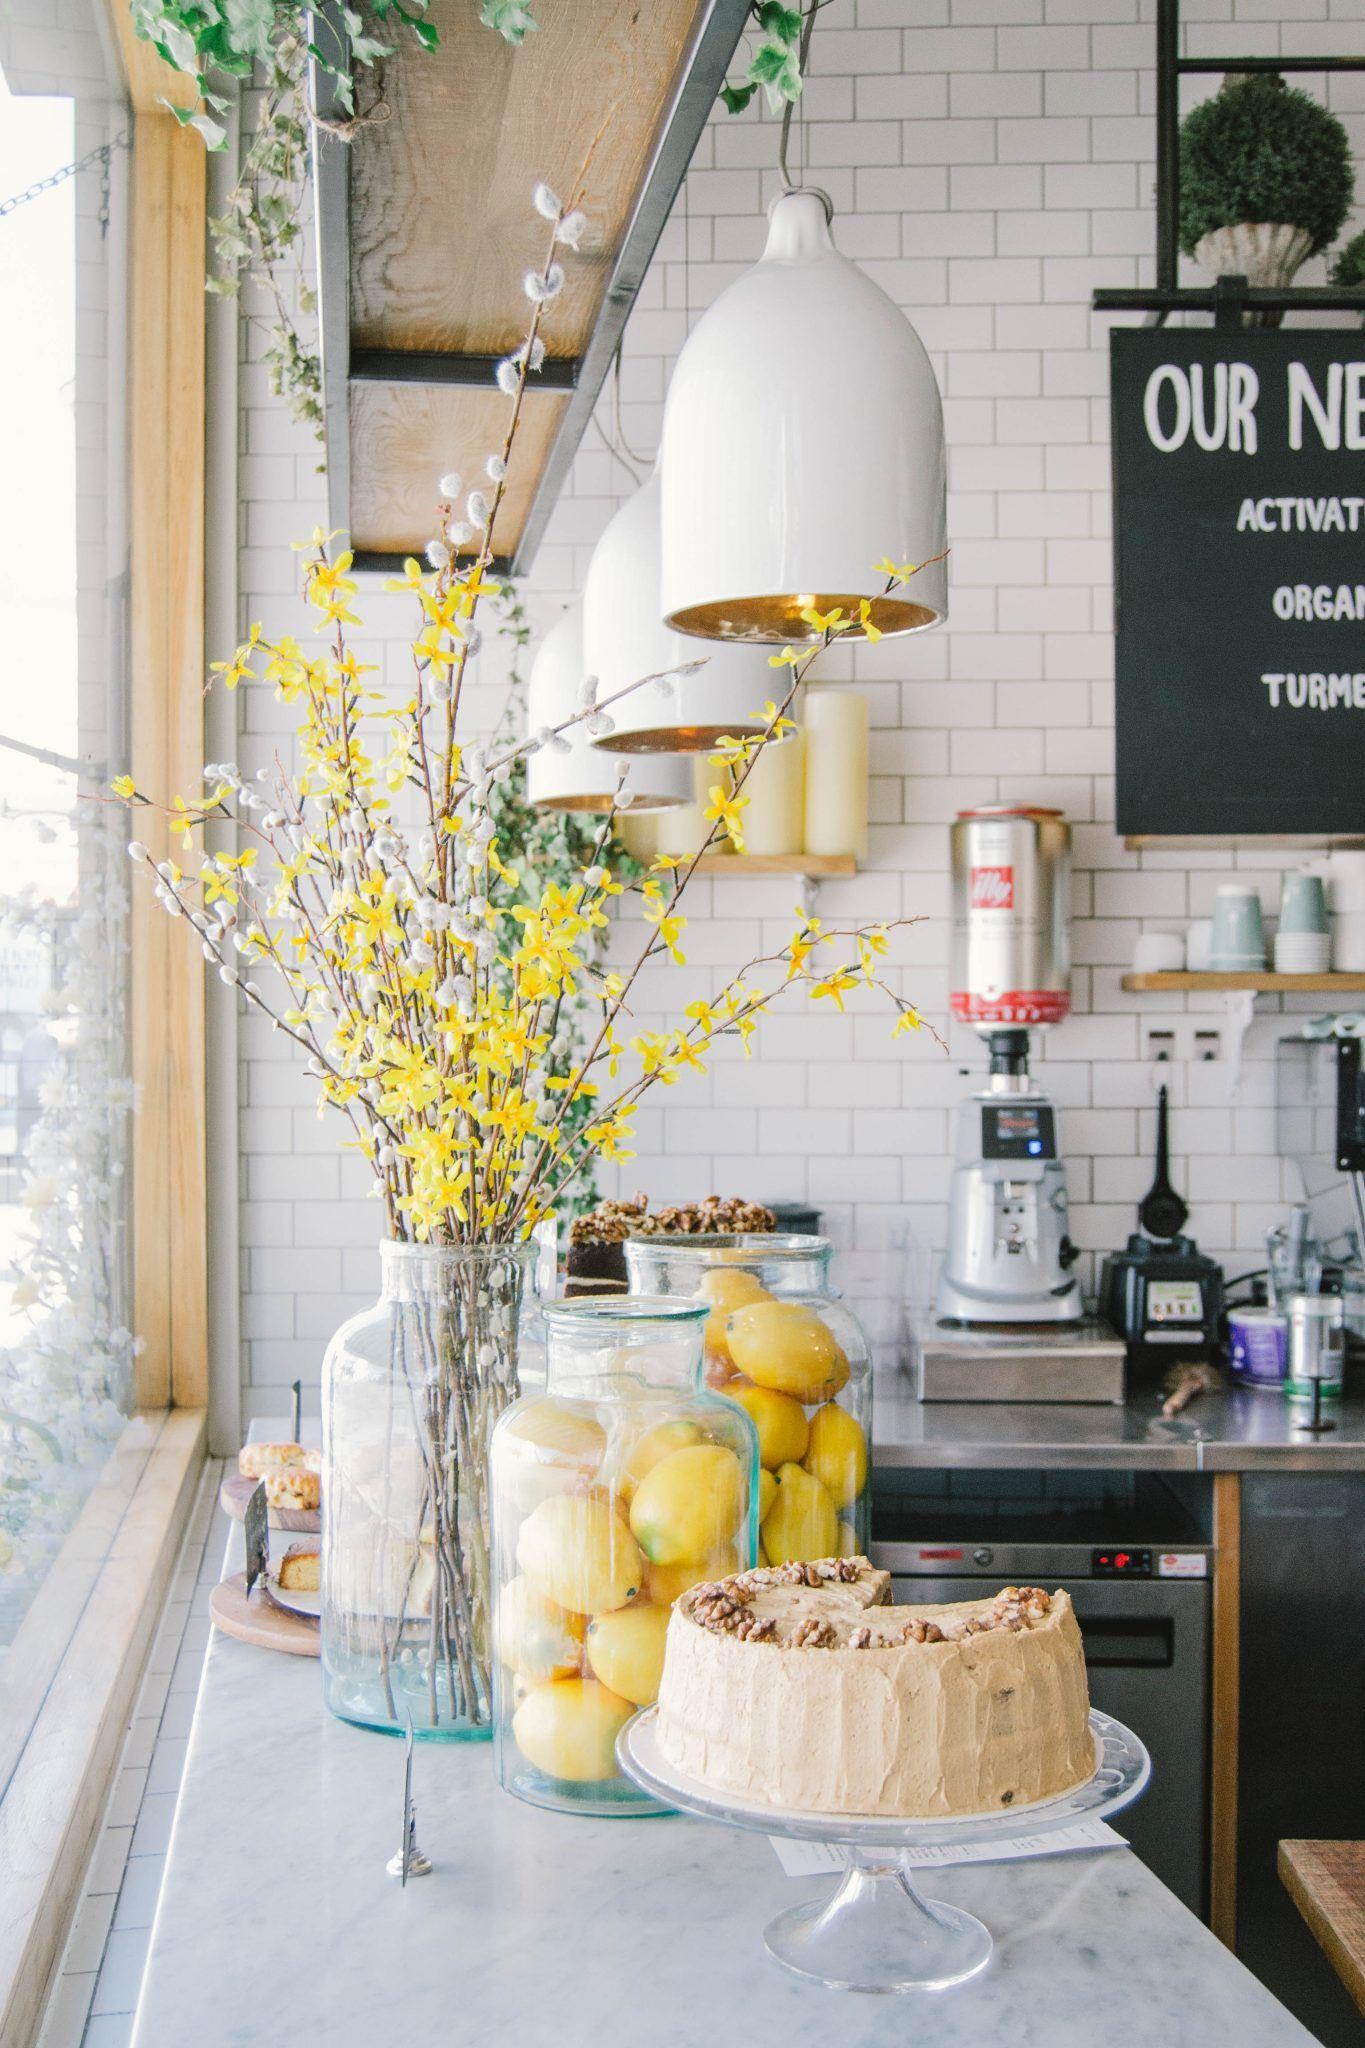 23 impressive kitchen counter decor ideas for styling your kitchen lemon kitchen decor on kitchen decor wall ideas id=33803